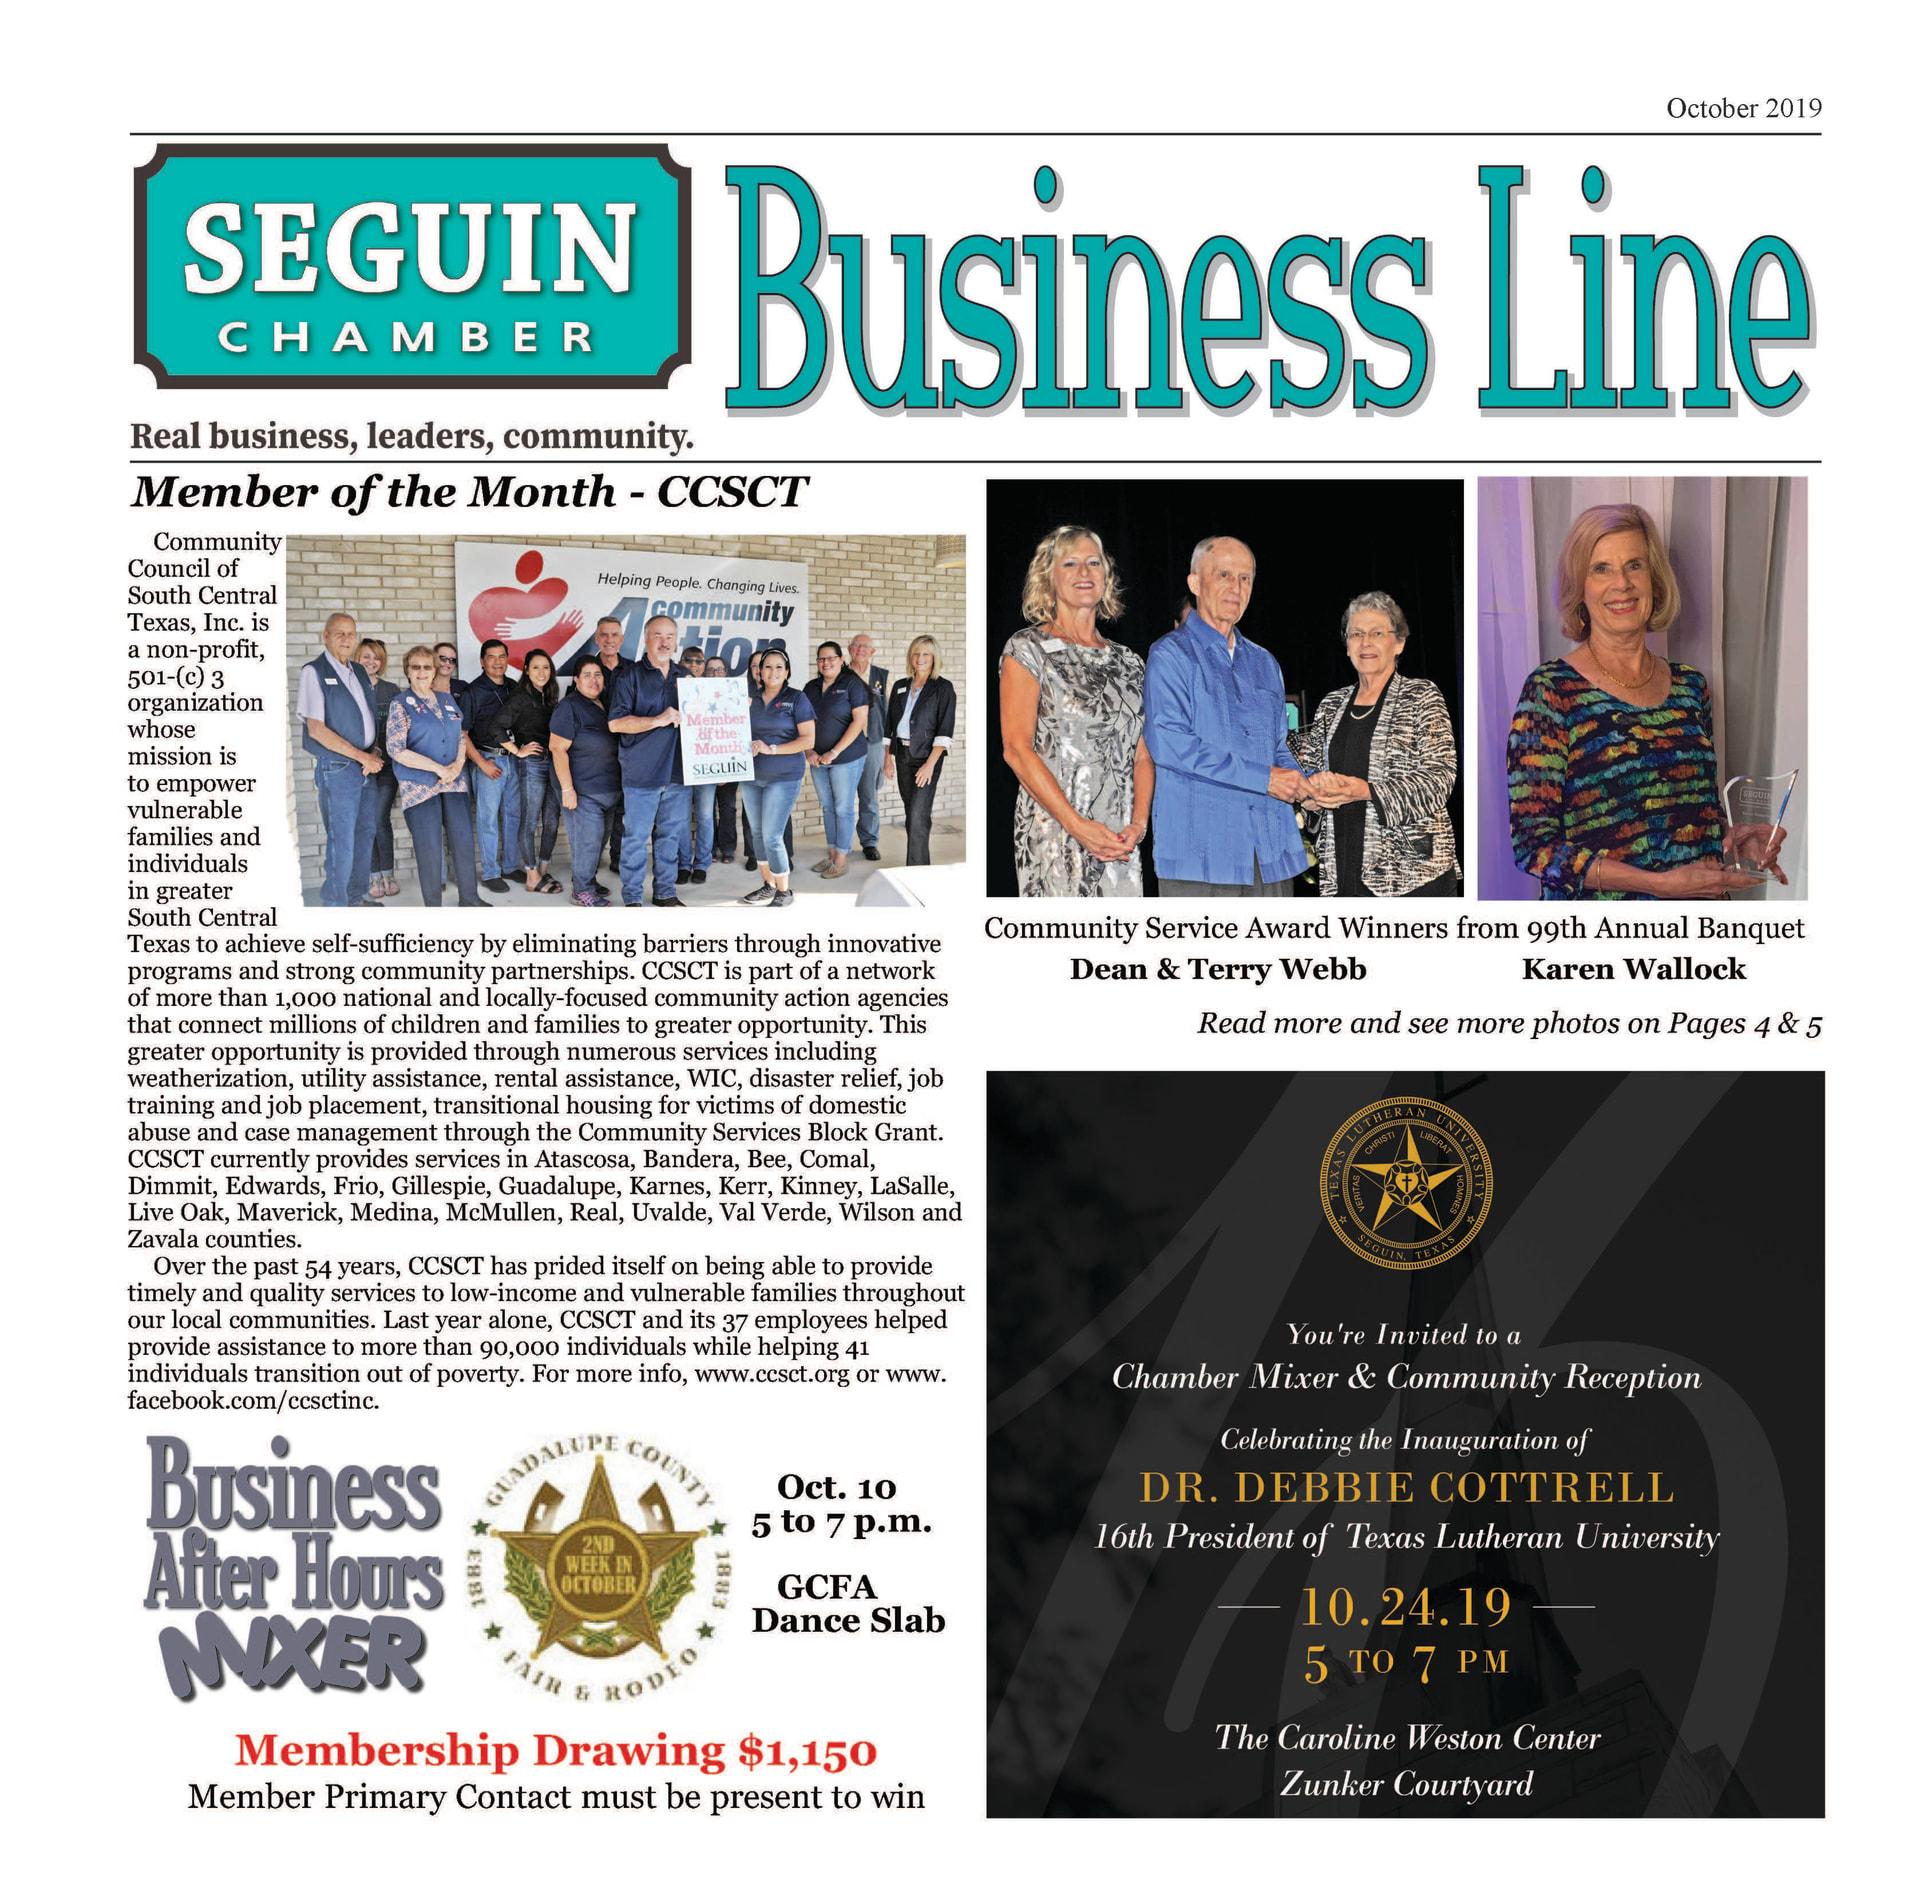 October 2019 BusinessLine Newsletter